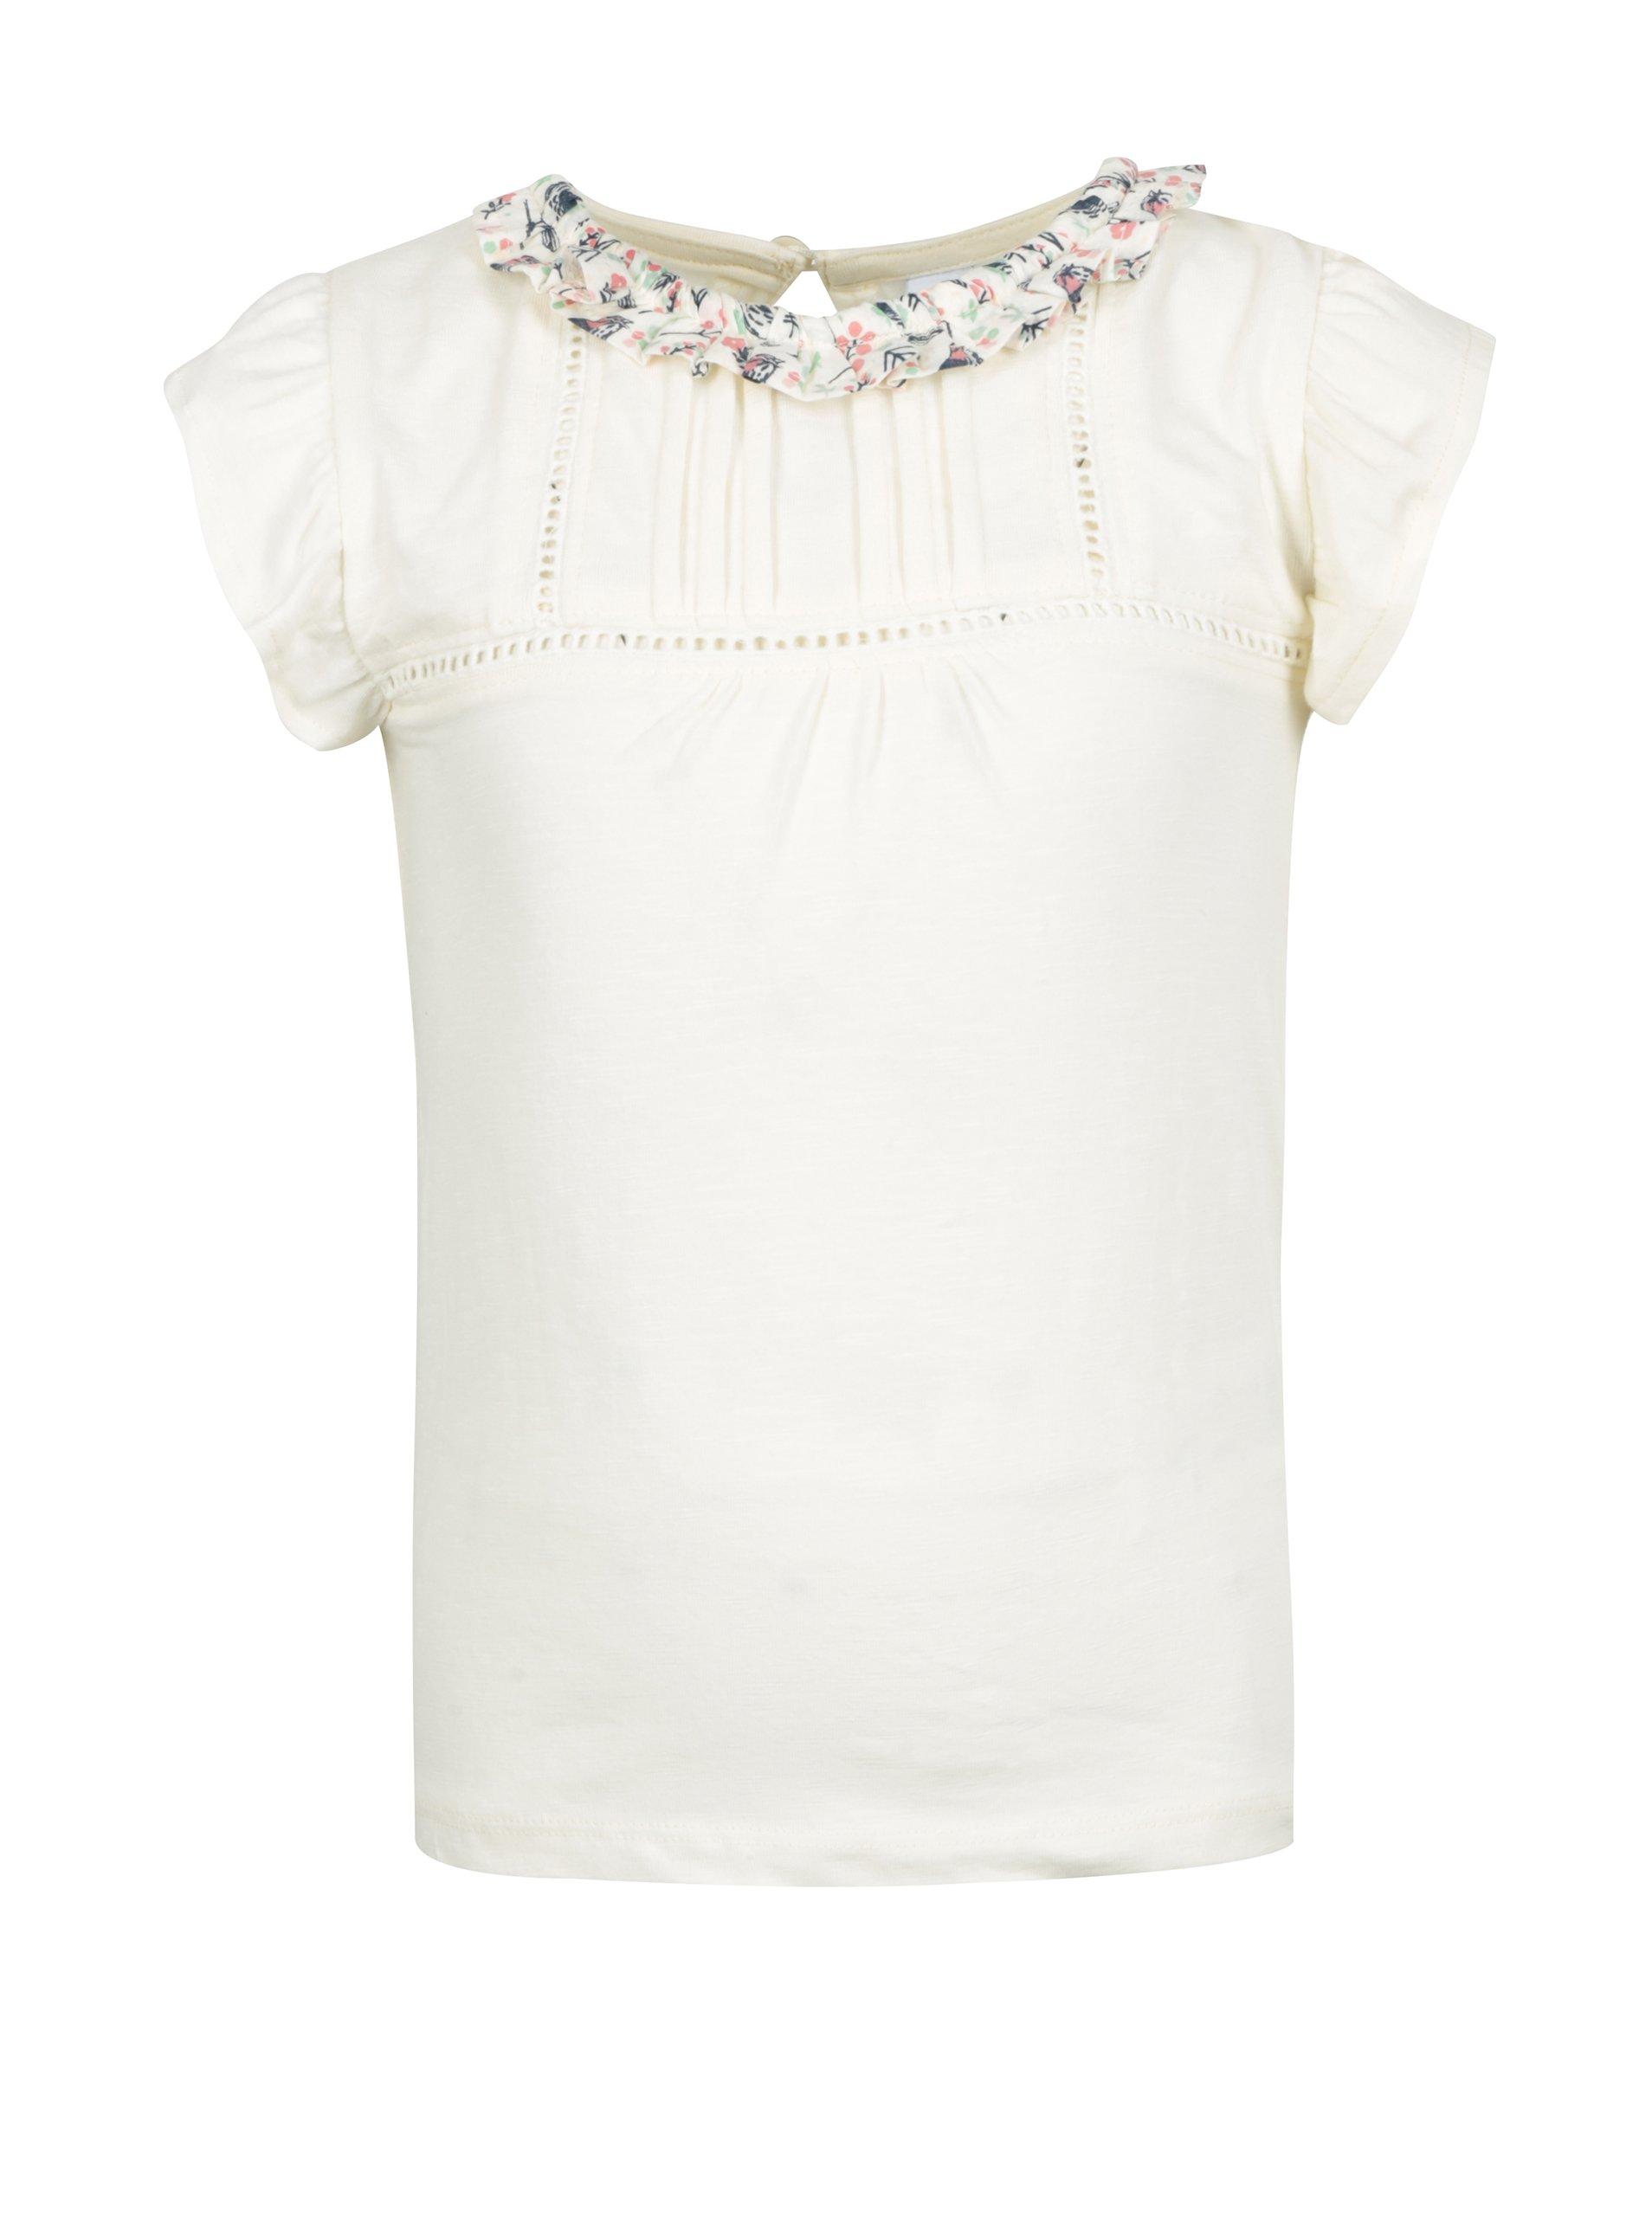 Krémové holčičí tričko s barevným volánkem 5.10.15.